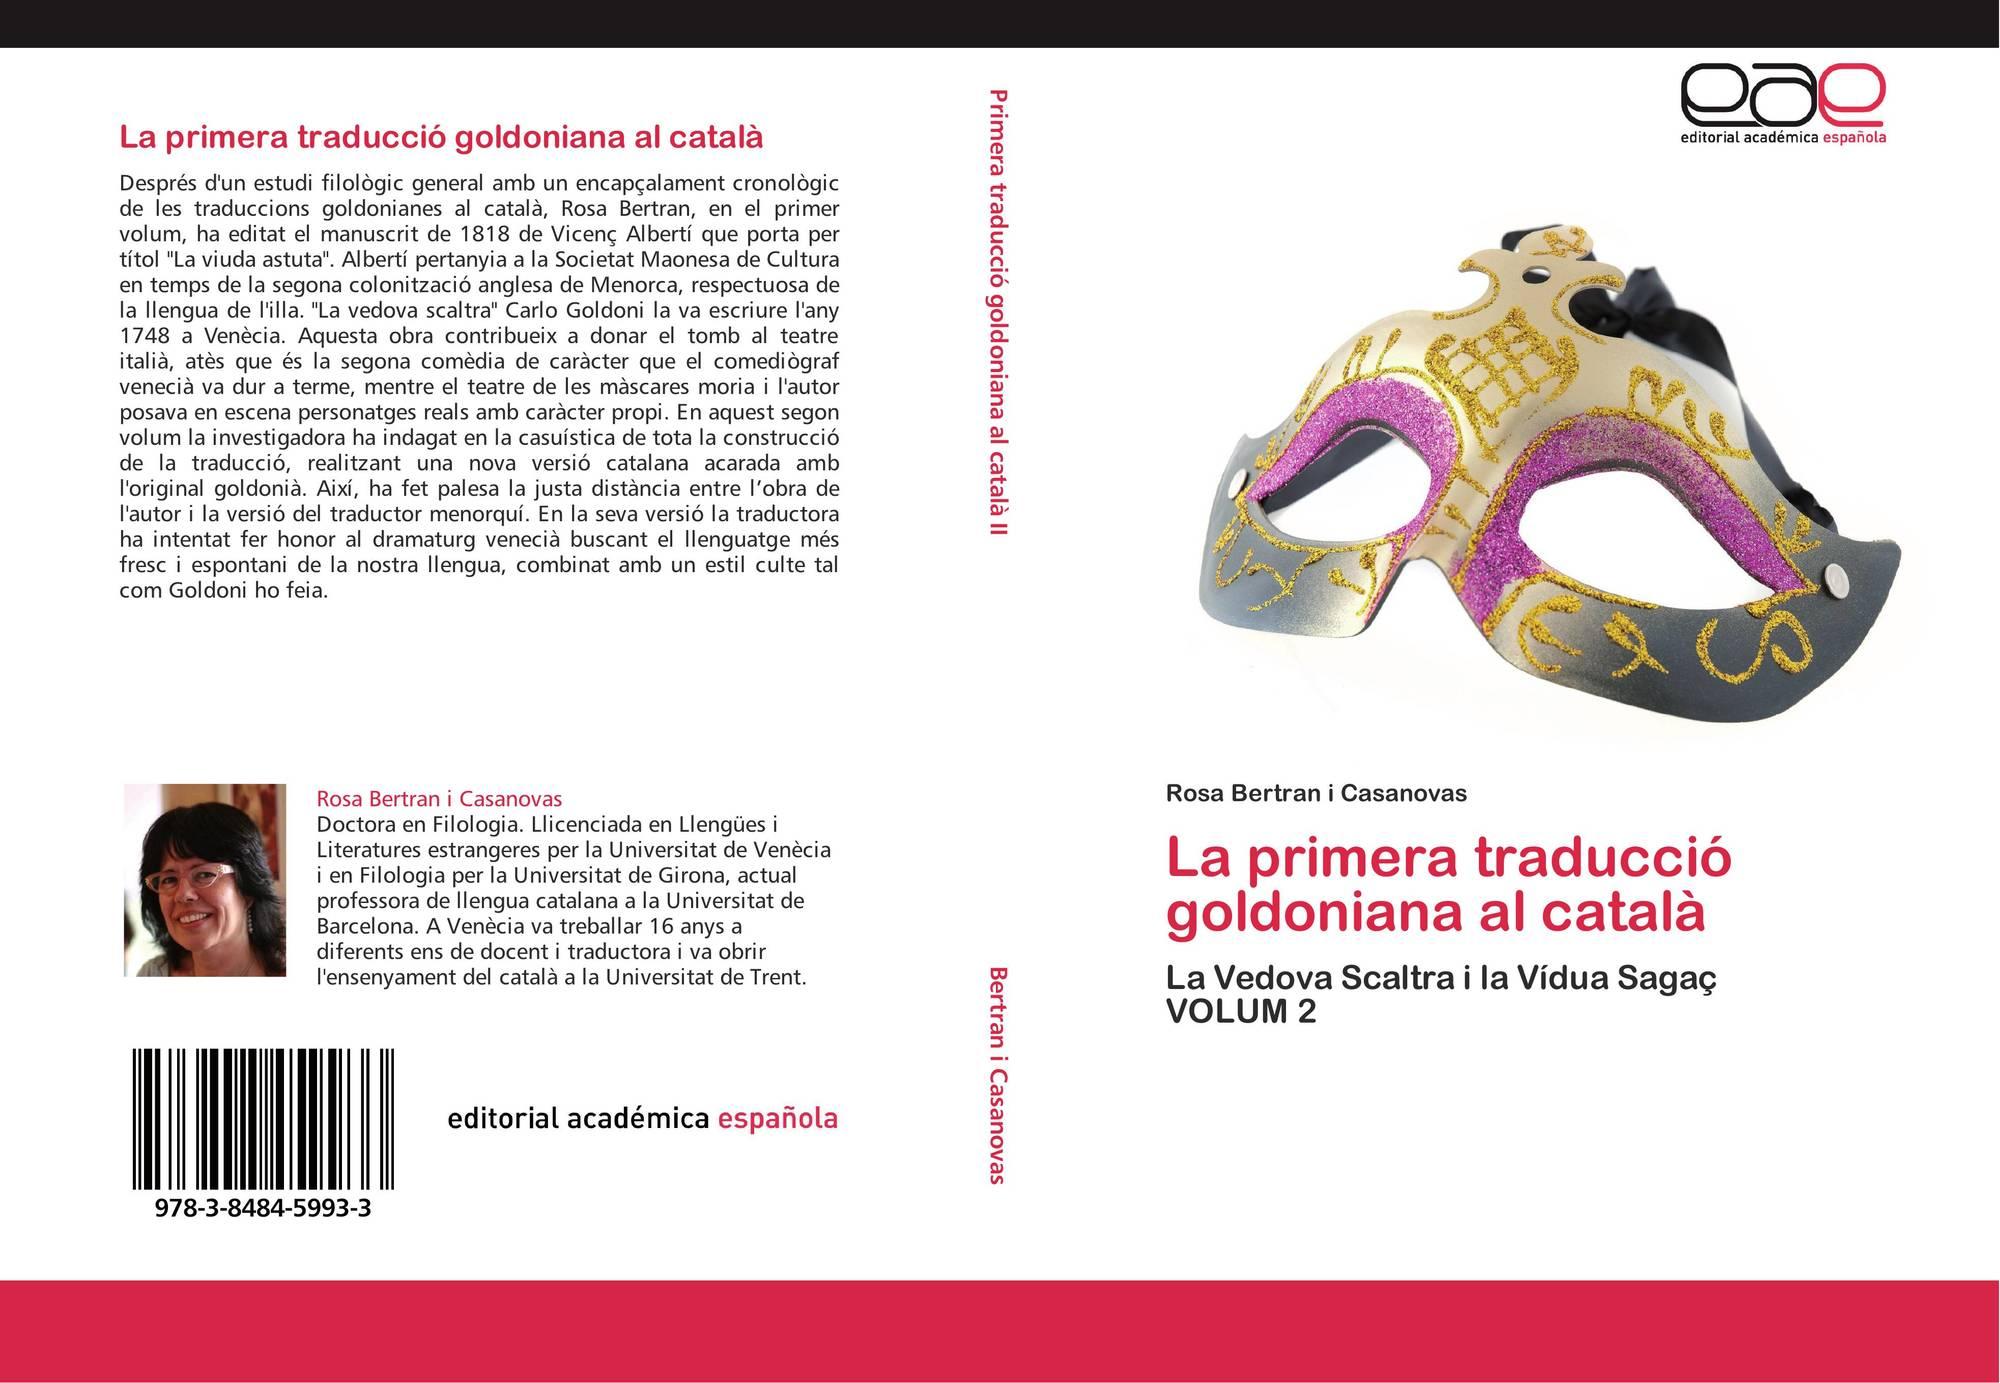 La primera traducció goldoniana al català